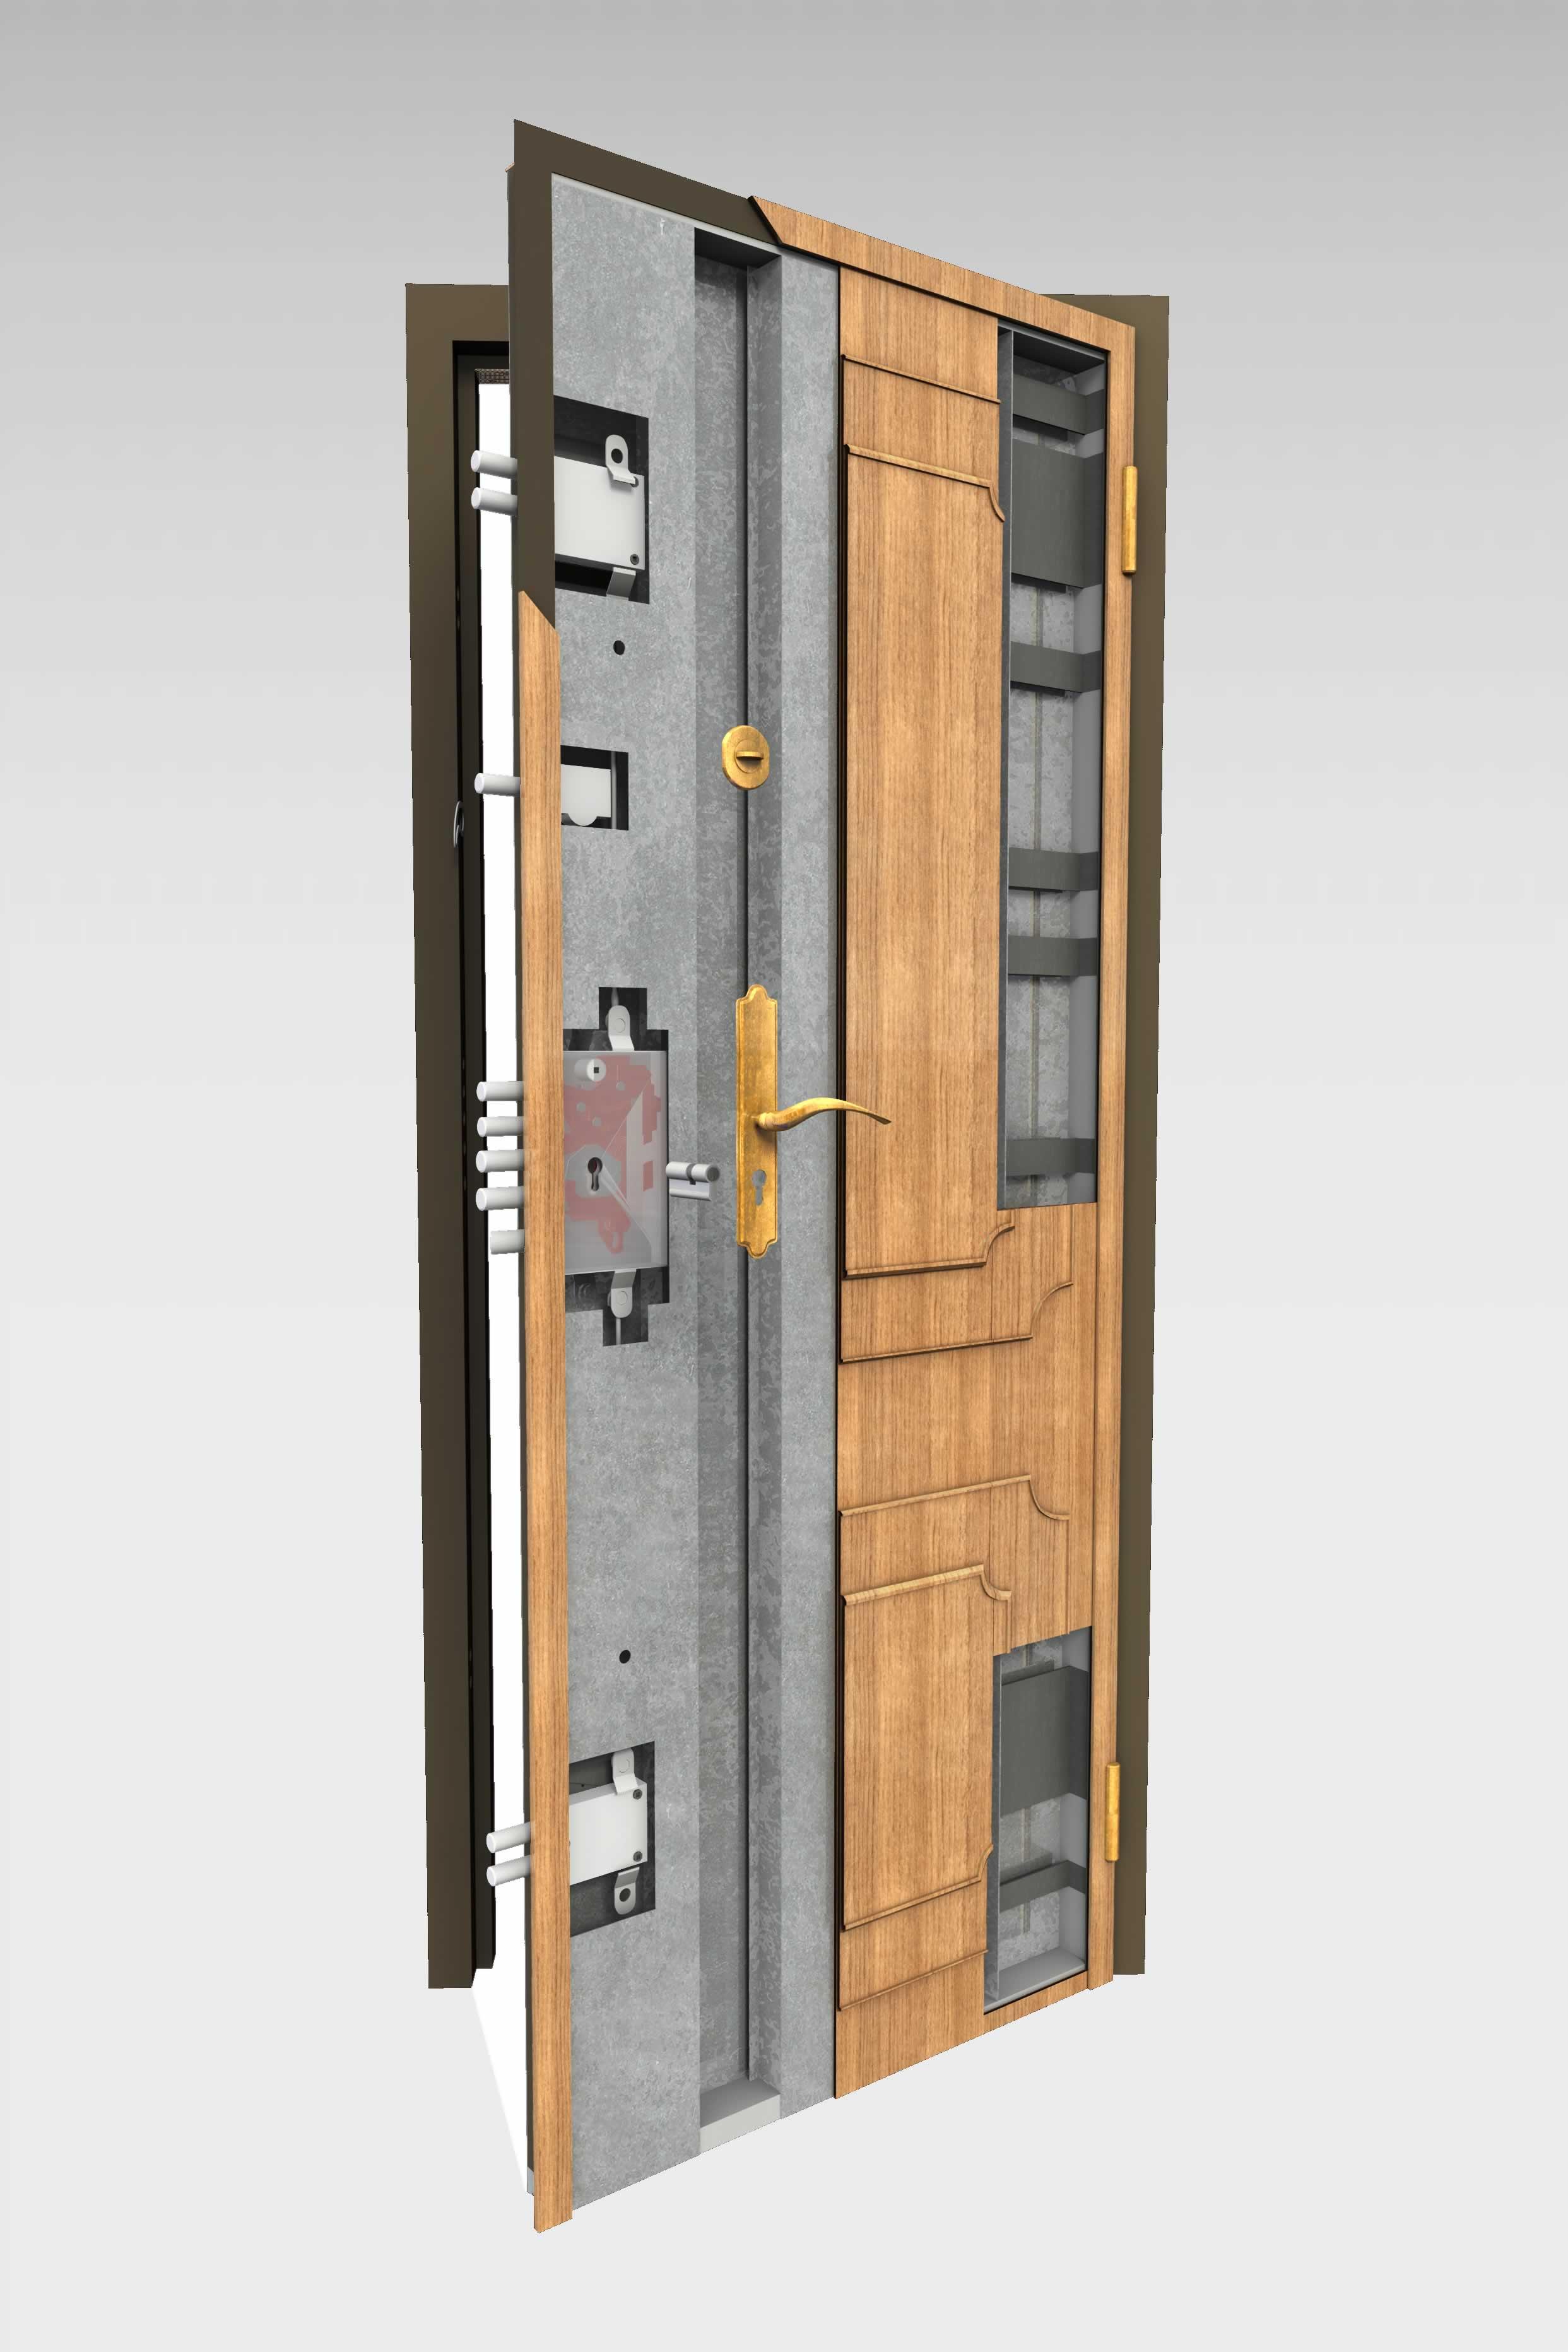 Puerta acorazada 305 roconsa - Puertas blindadas a medida ...